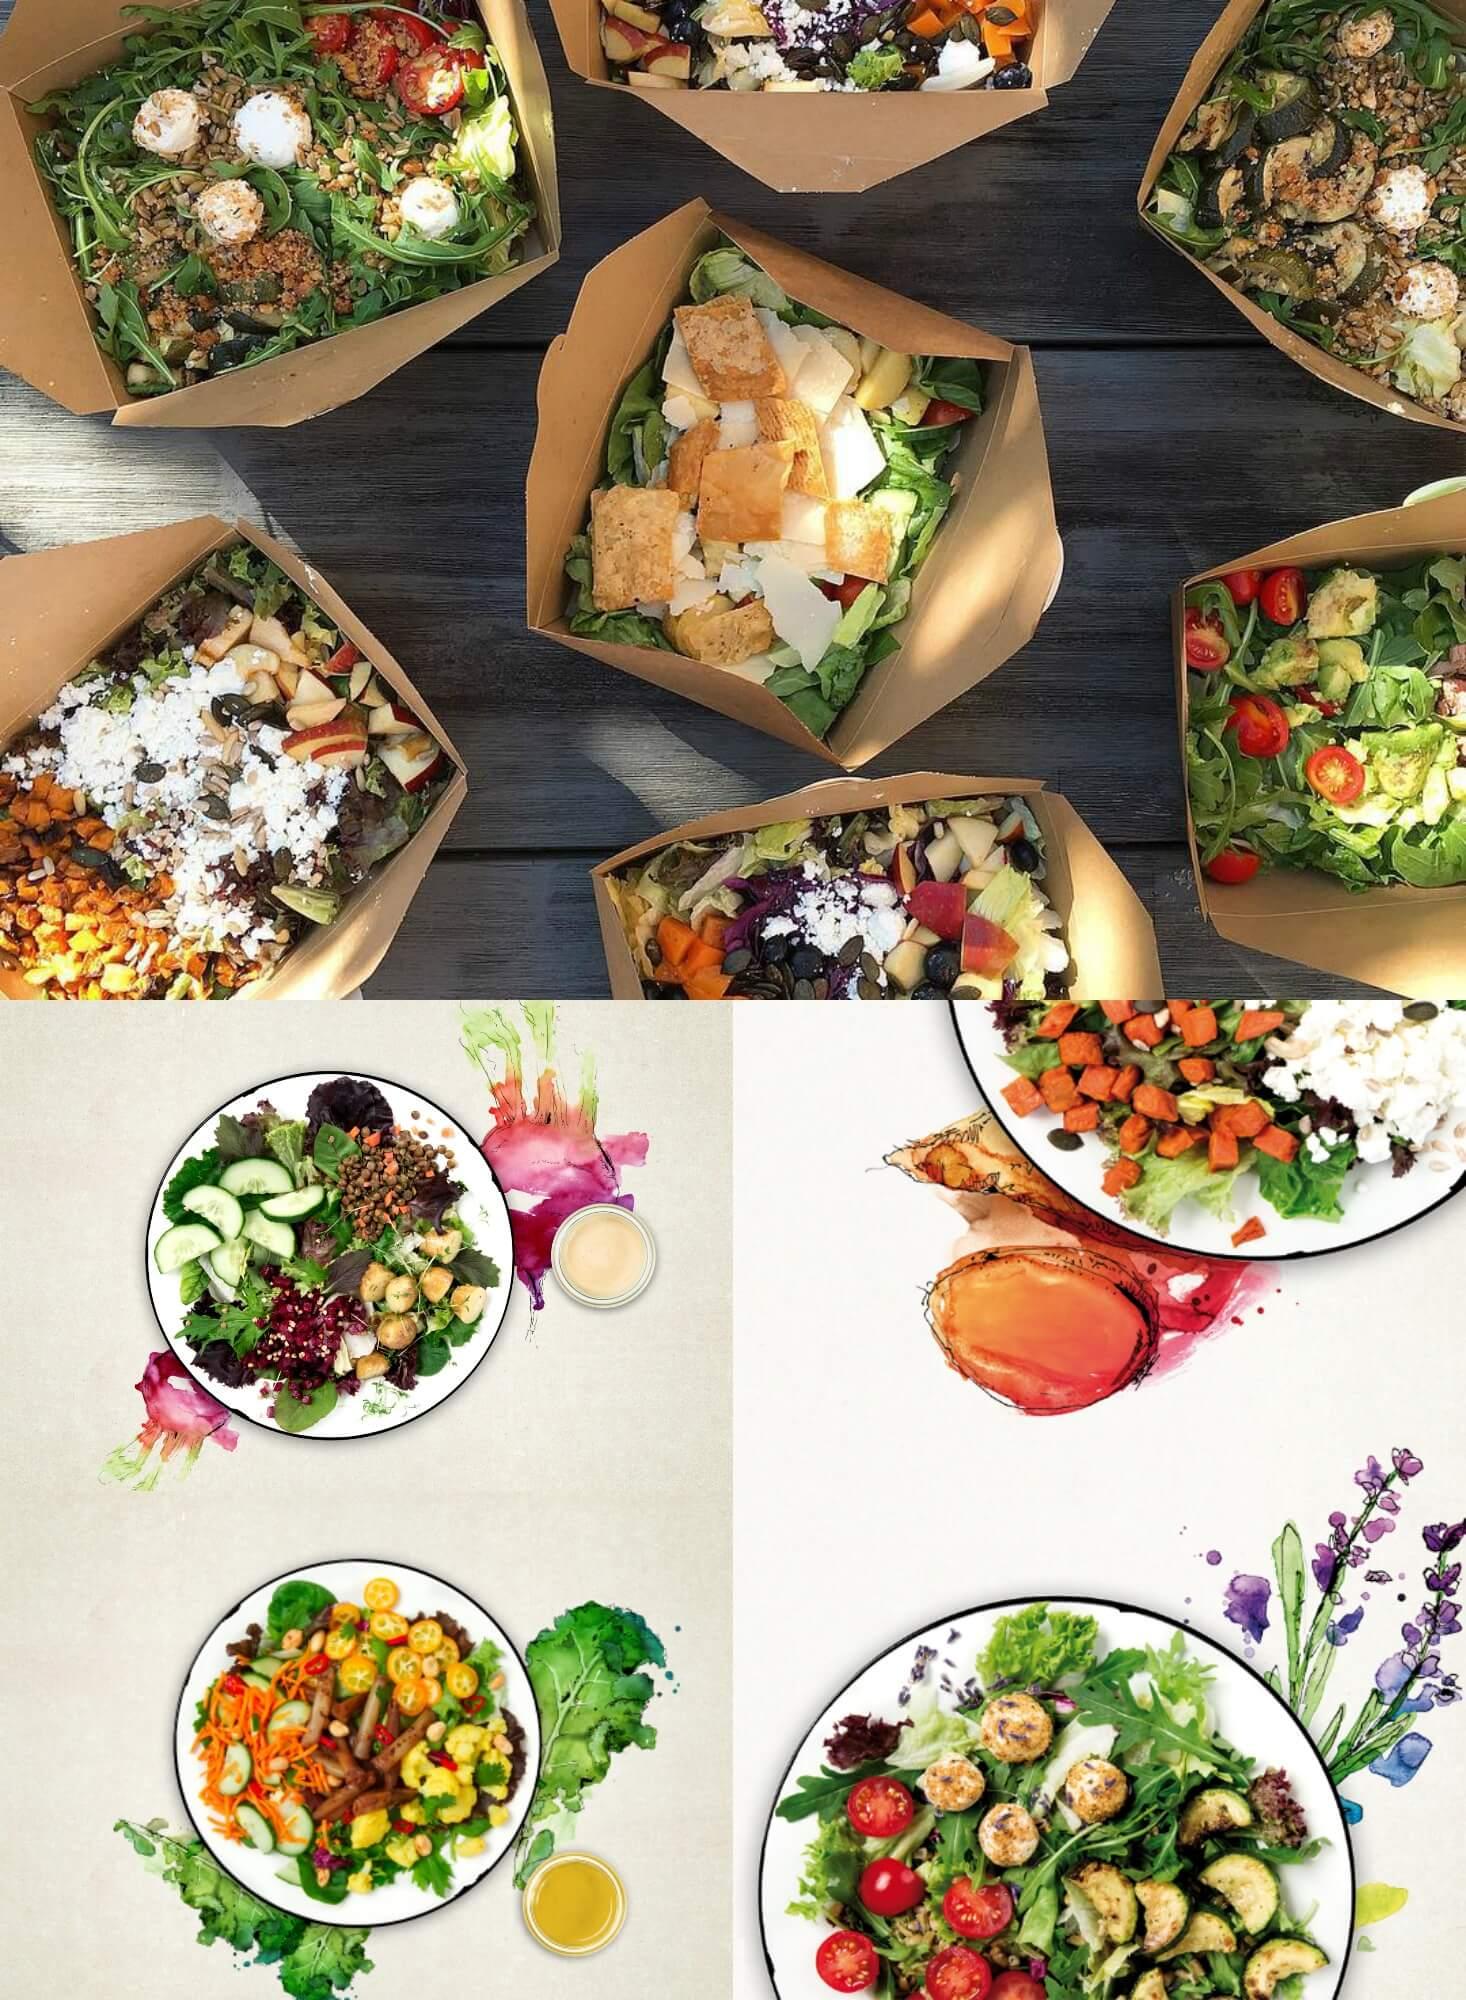 Na, Hunger? Stadtsalat versorgt dich mit leckeren Salaten, Rolls & homemade Drinks! Mit HiH sparst du 10 %! Einfach yummy! 😍